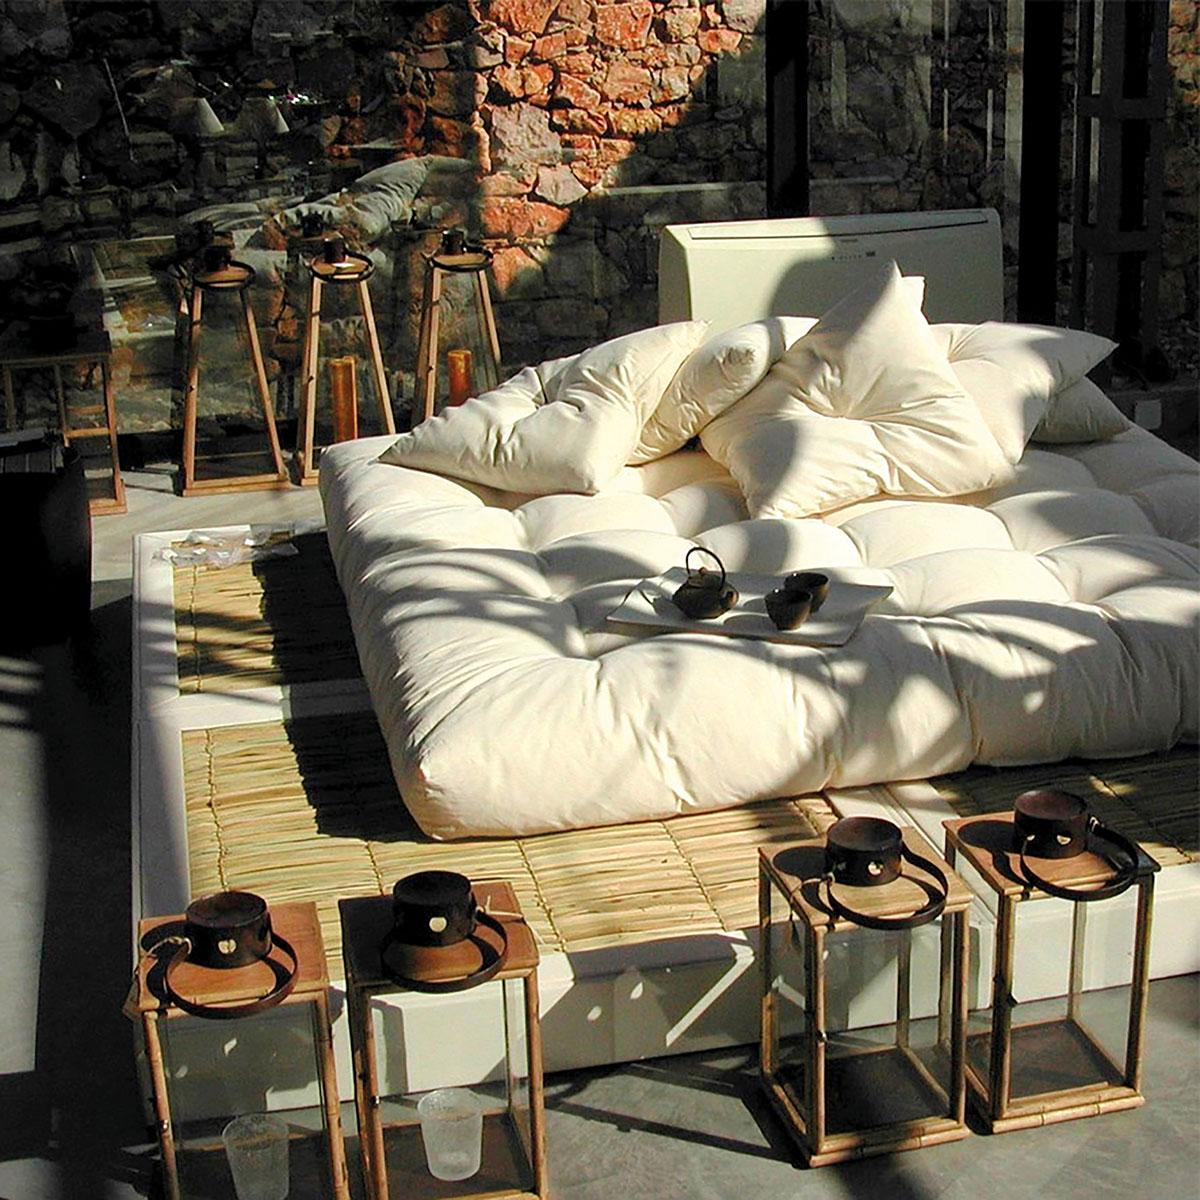 Japonesa Bed by Botaca